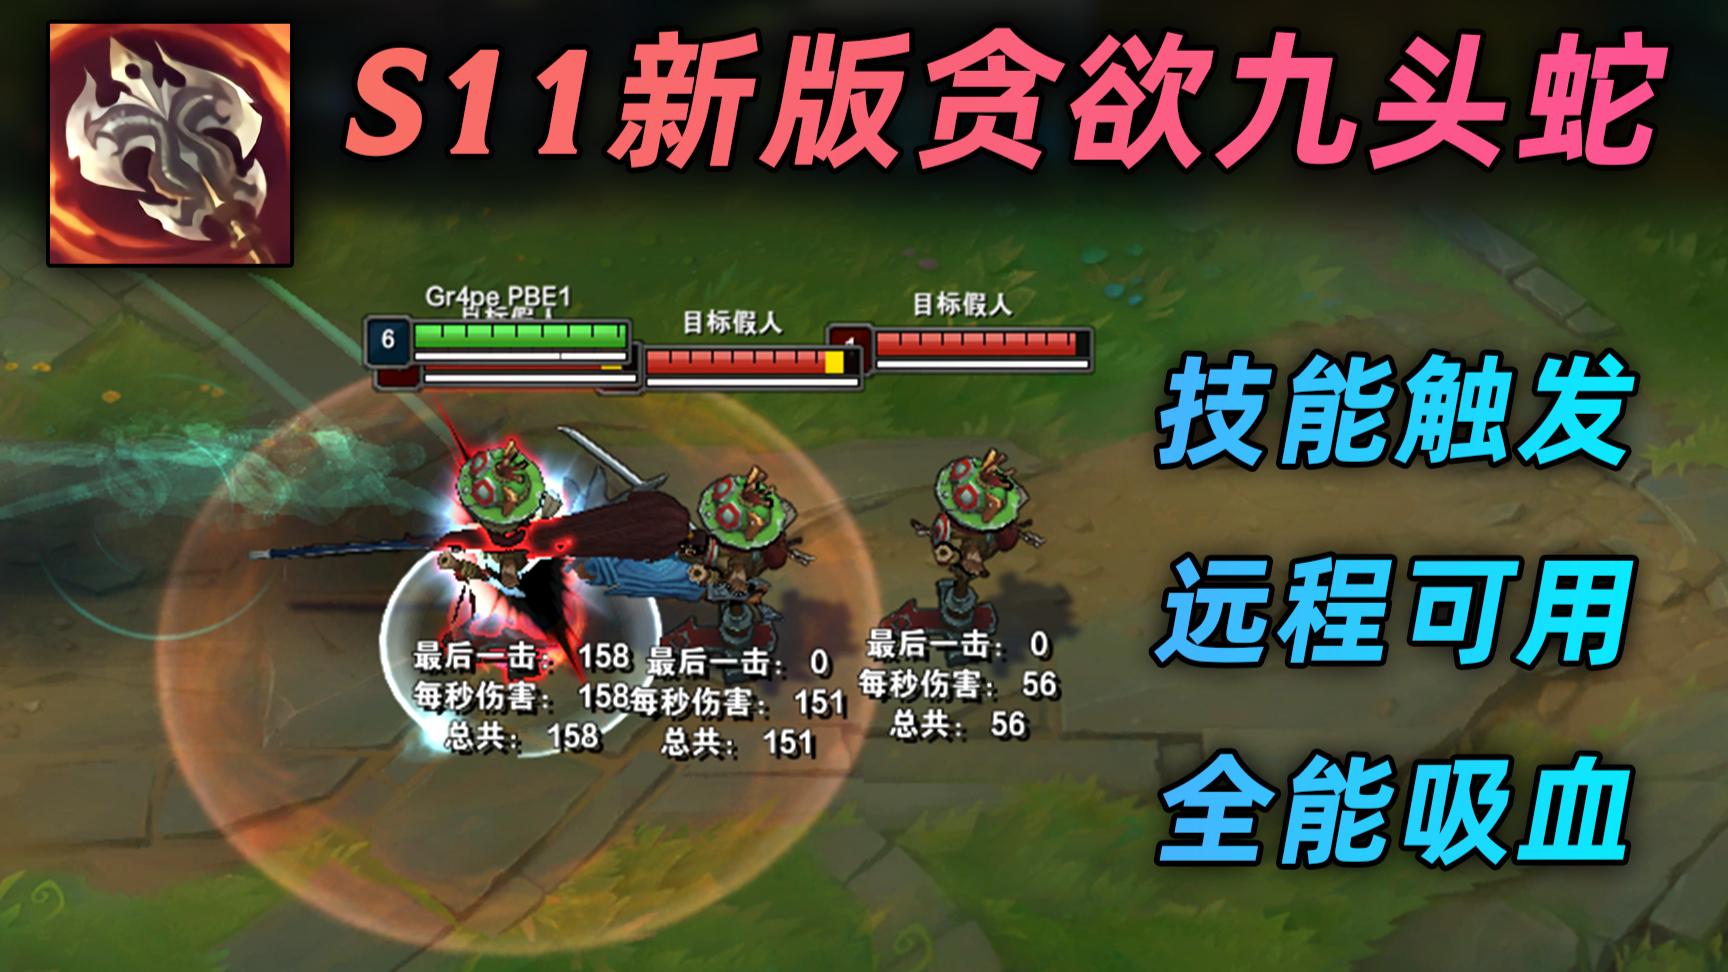 S11新版贪欲九头蛇:全能吸血+远程可用,技能也可触发,人人都能放烟花